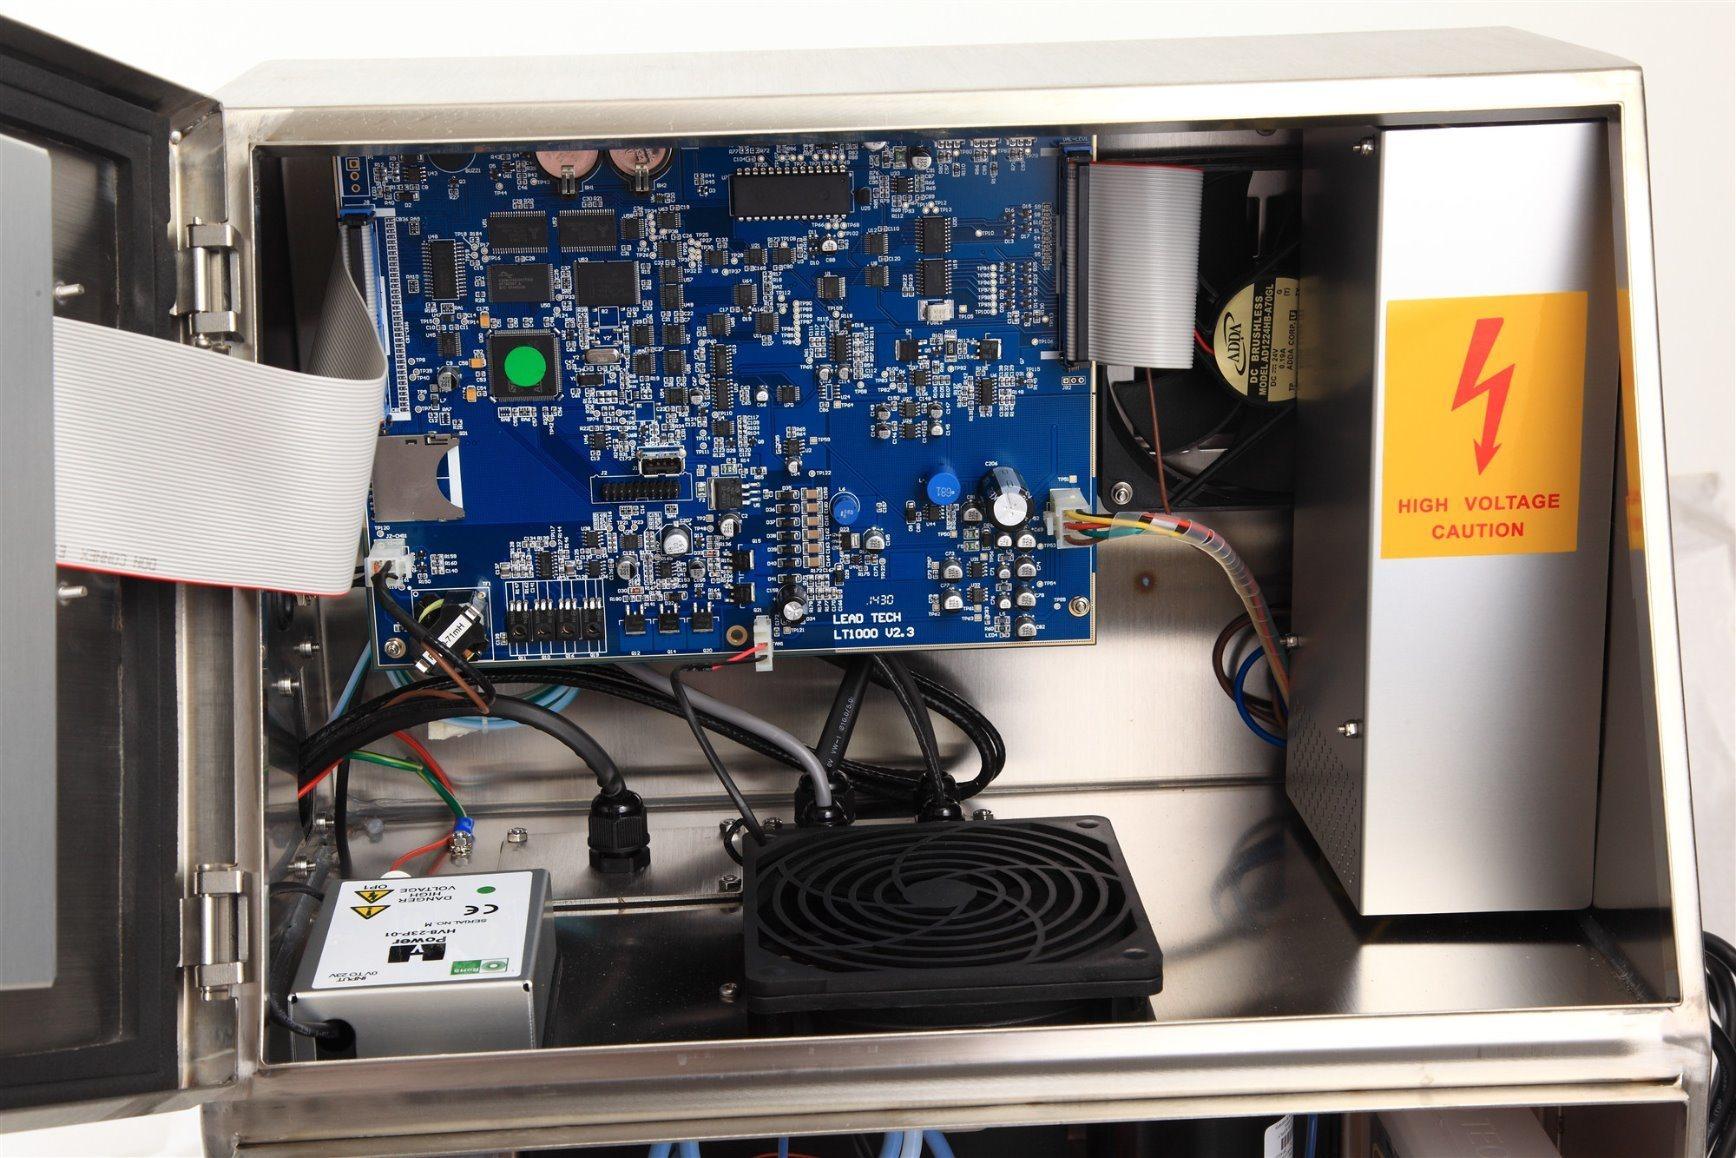 Lead Tech Lt1000s+ Low Cost Cij Inkjet Printer